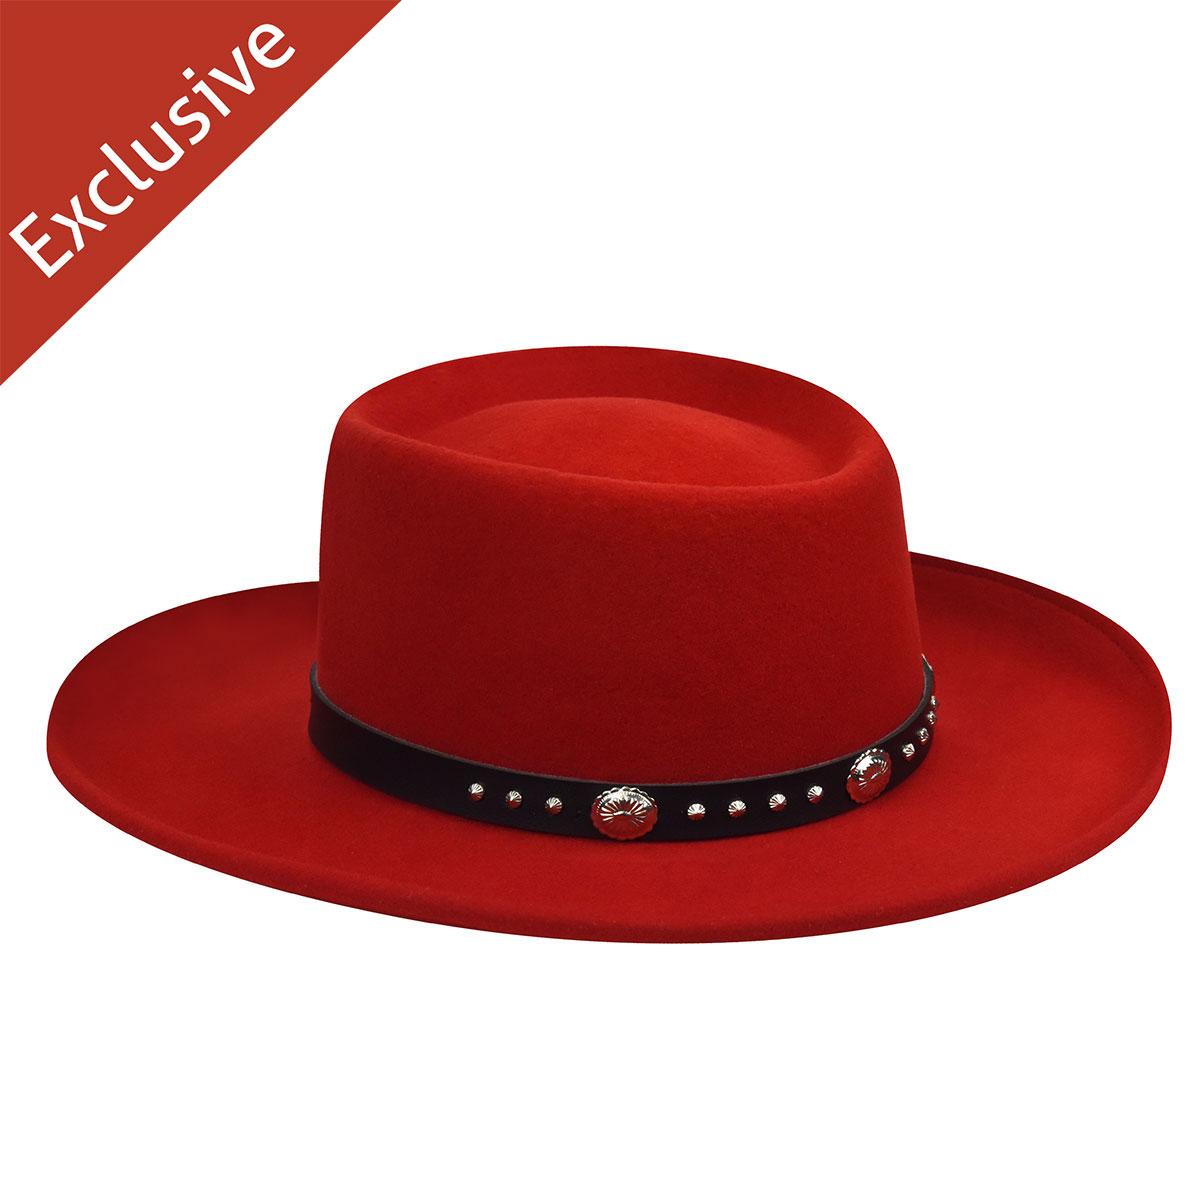 Hats Hats.Com Men Ace of Spades Gambler Exclusive